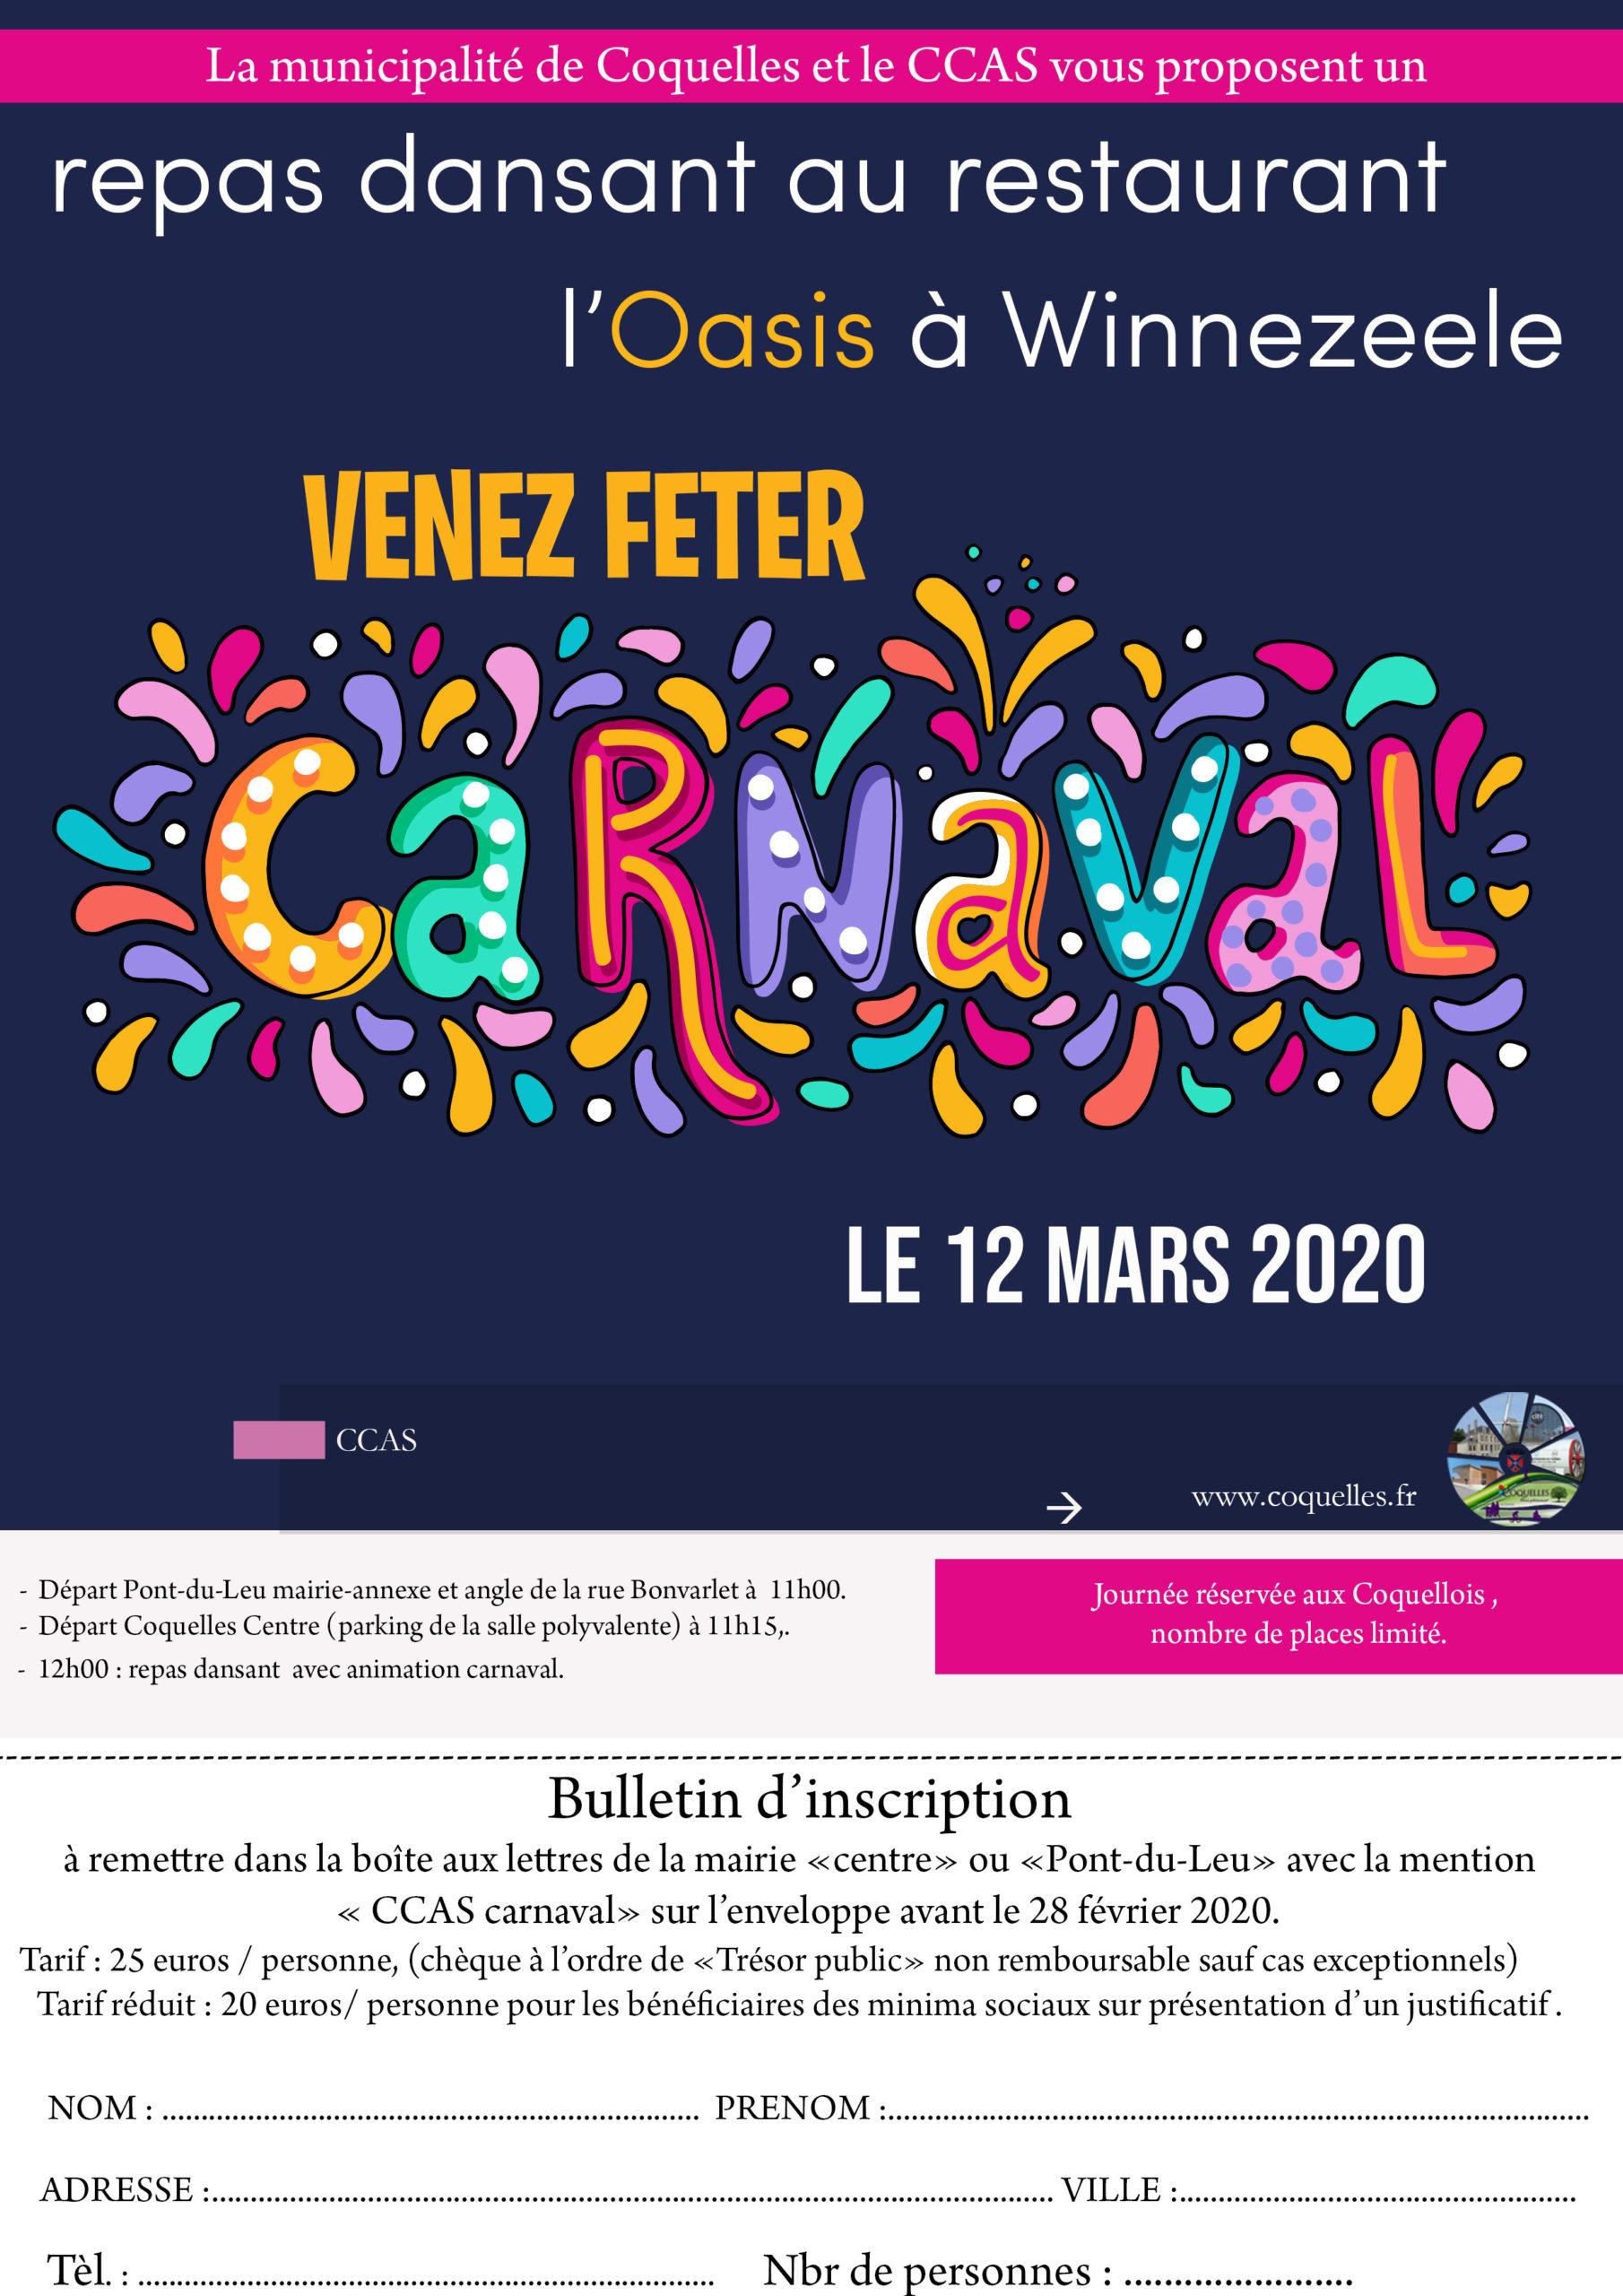 Repas dansant Carnaval